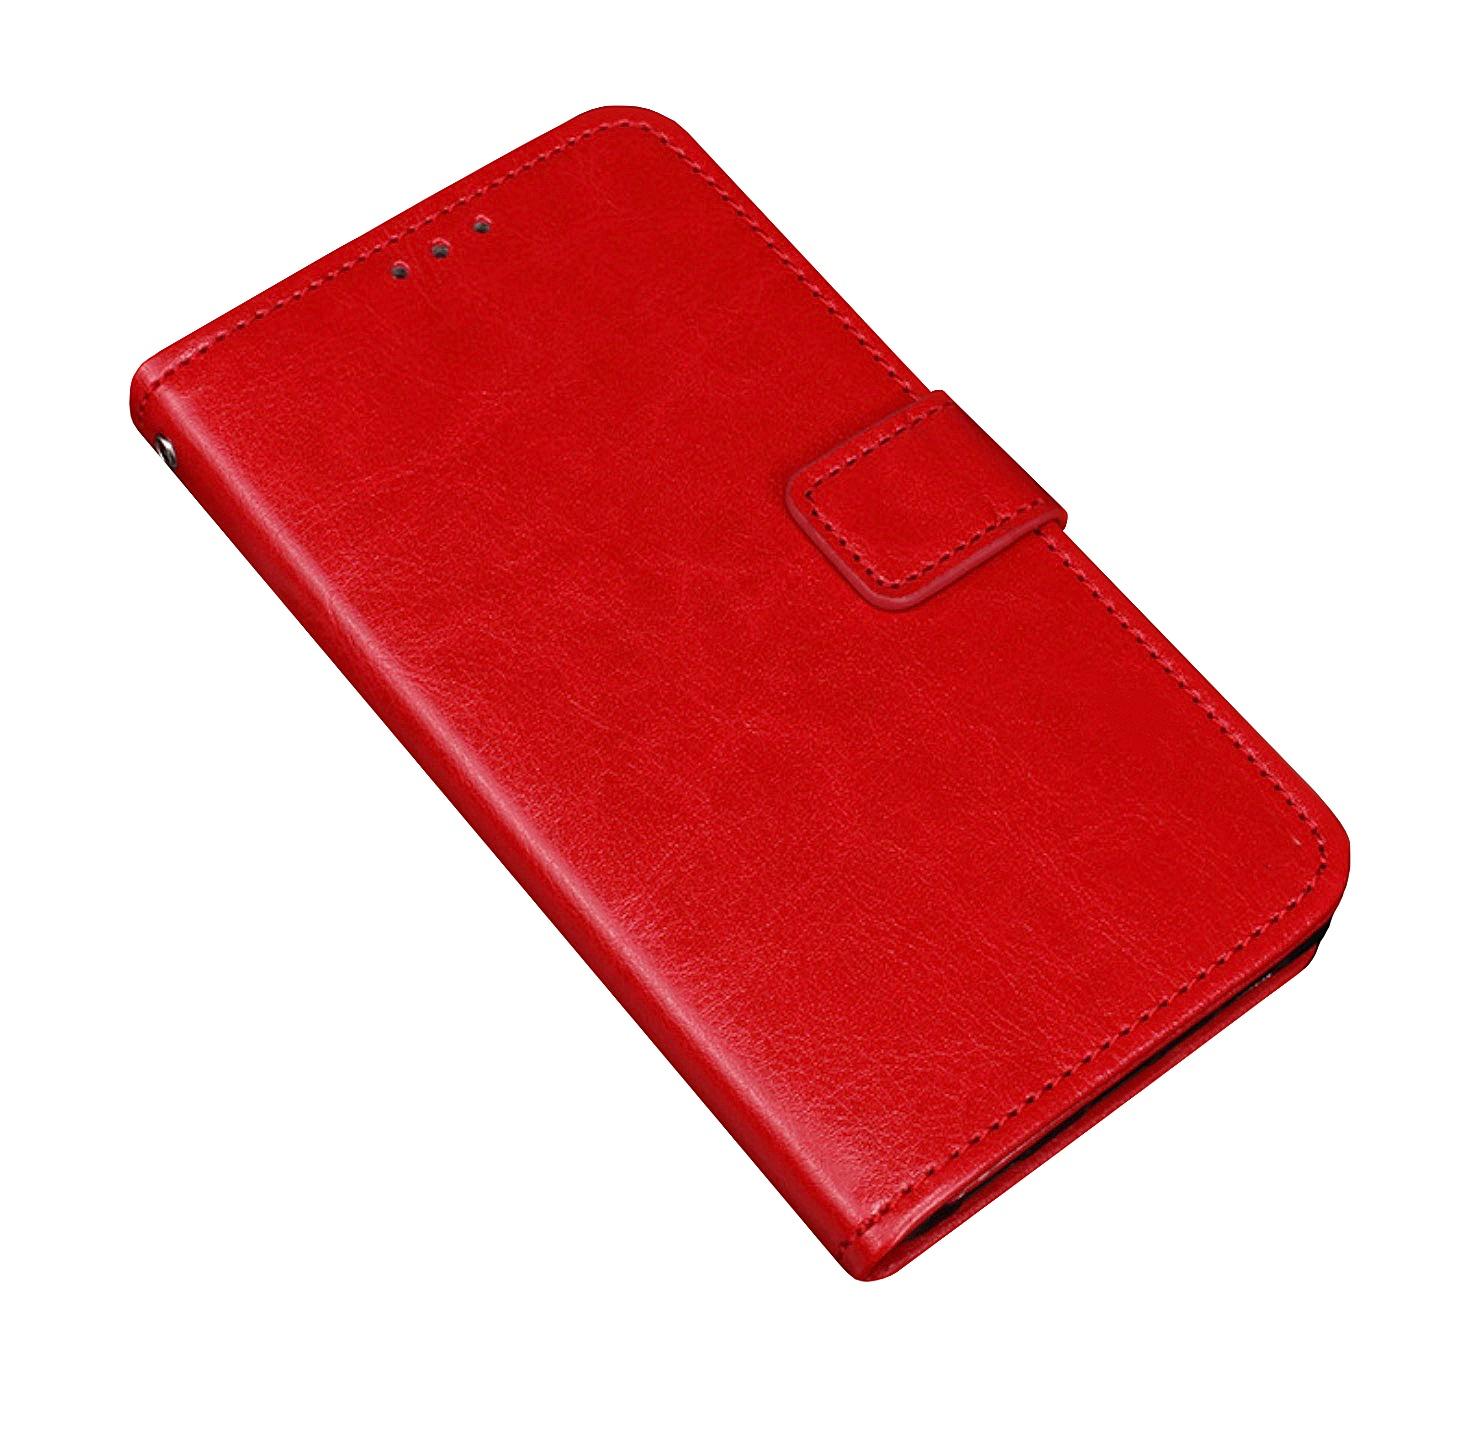 Чехол-книжка MyPads для Huawei Honor 10 Lite / Huawei P Smart (2019) с мульти-подставкой застёжкой и визитницей красный